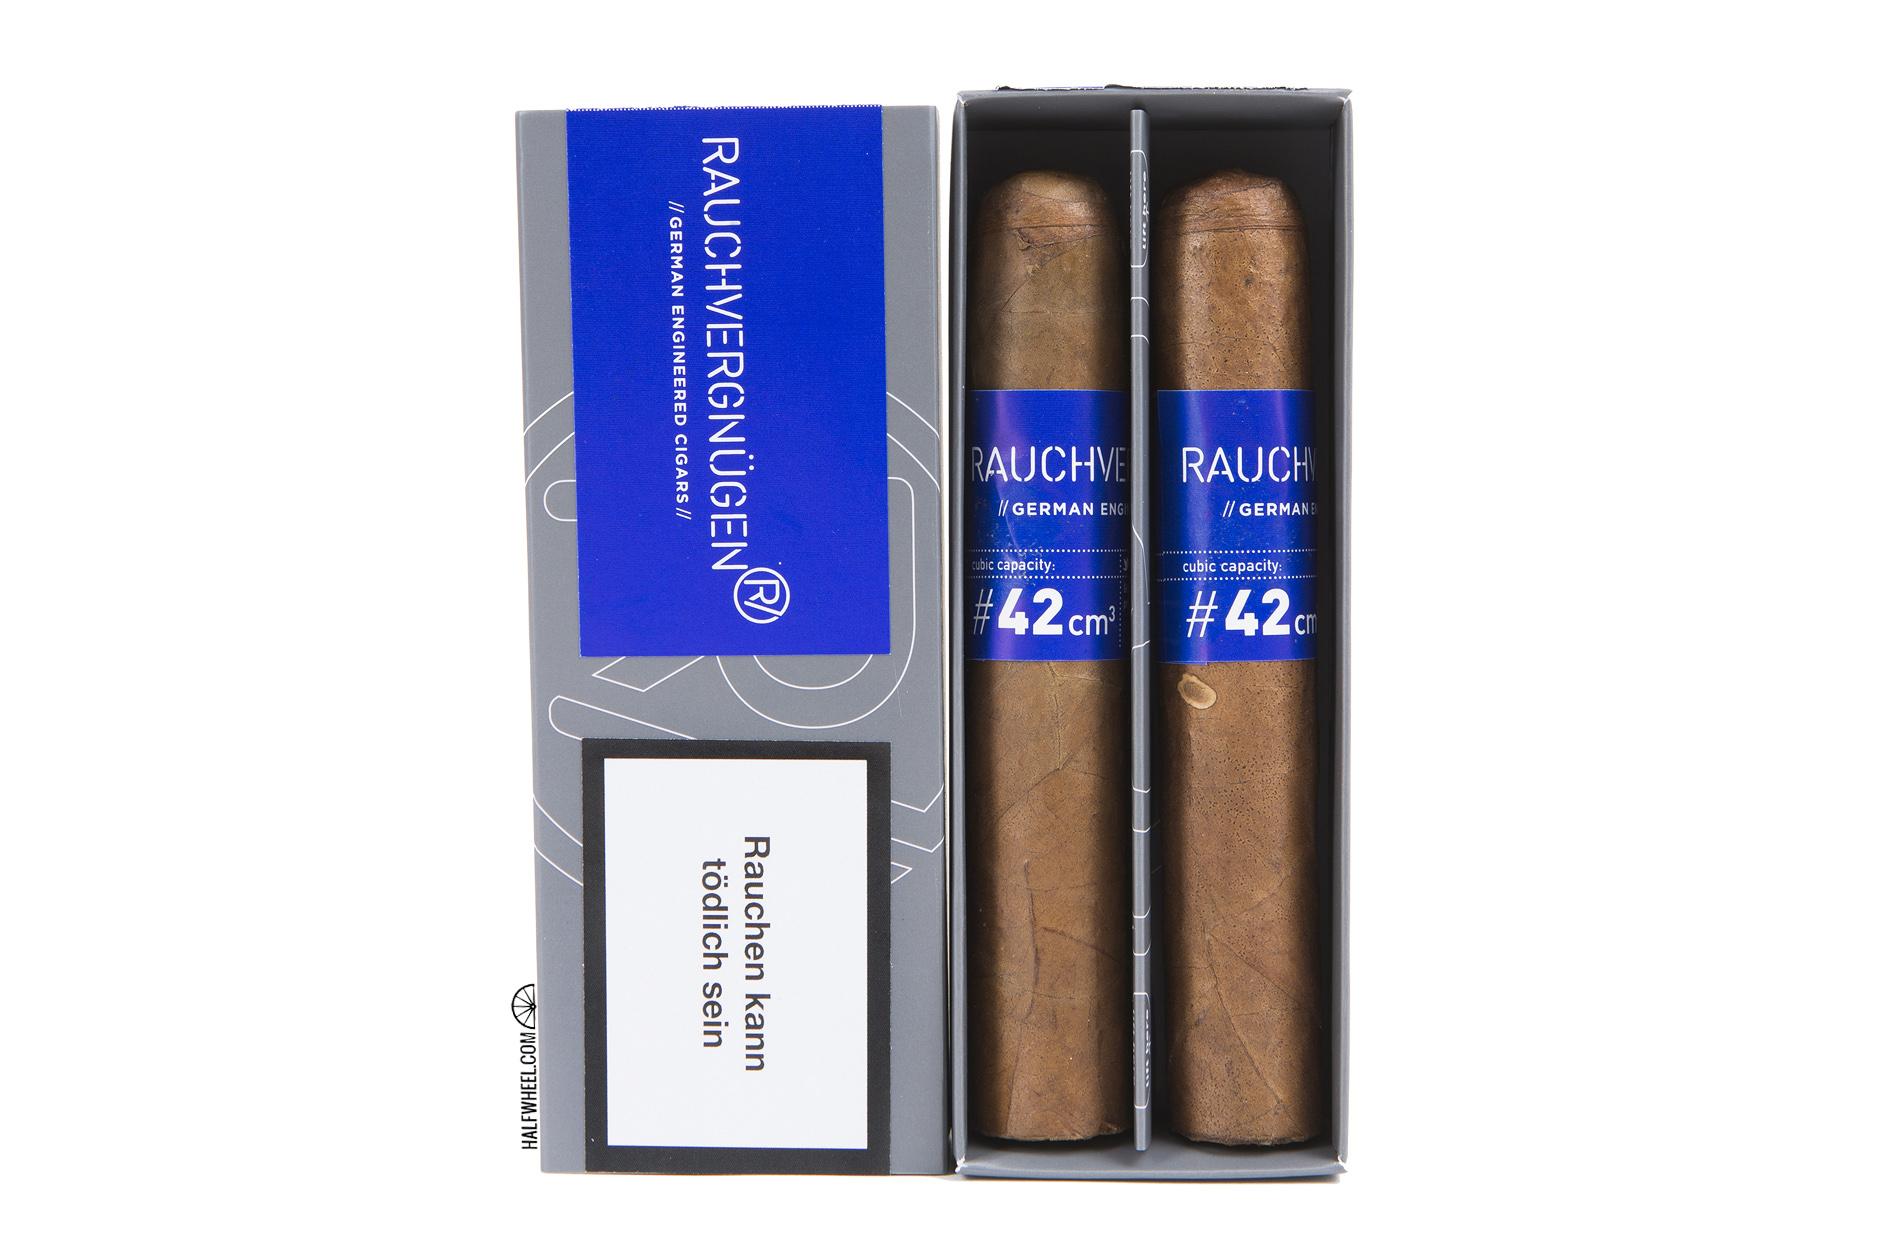 Rauchvergnugen #42 Box 2